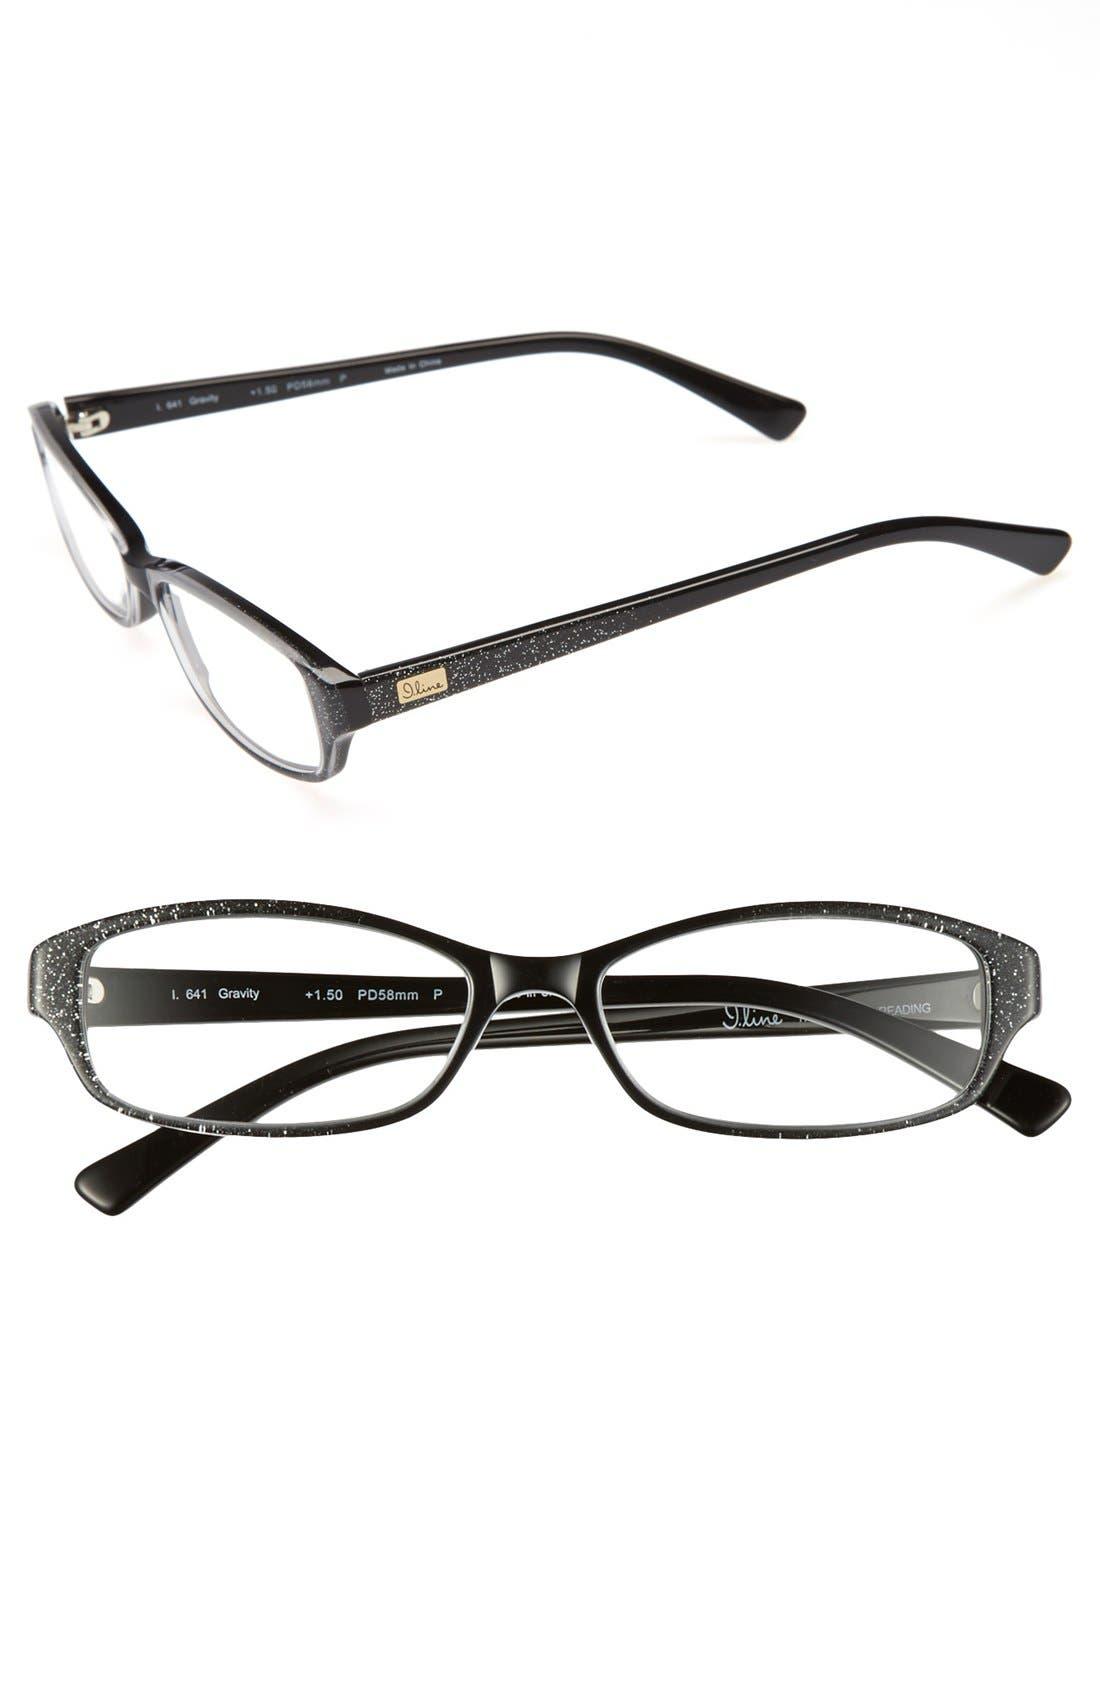 Alternate Image 1 Selected - I Line Eyewear 'Gravity' 58mm Reading Glasses (2 for $88)